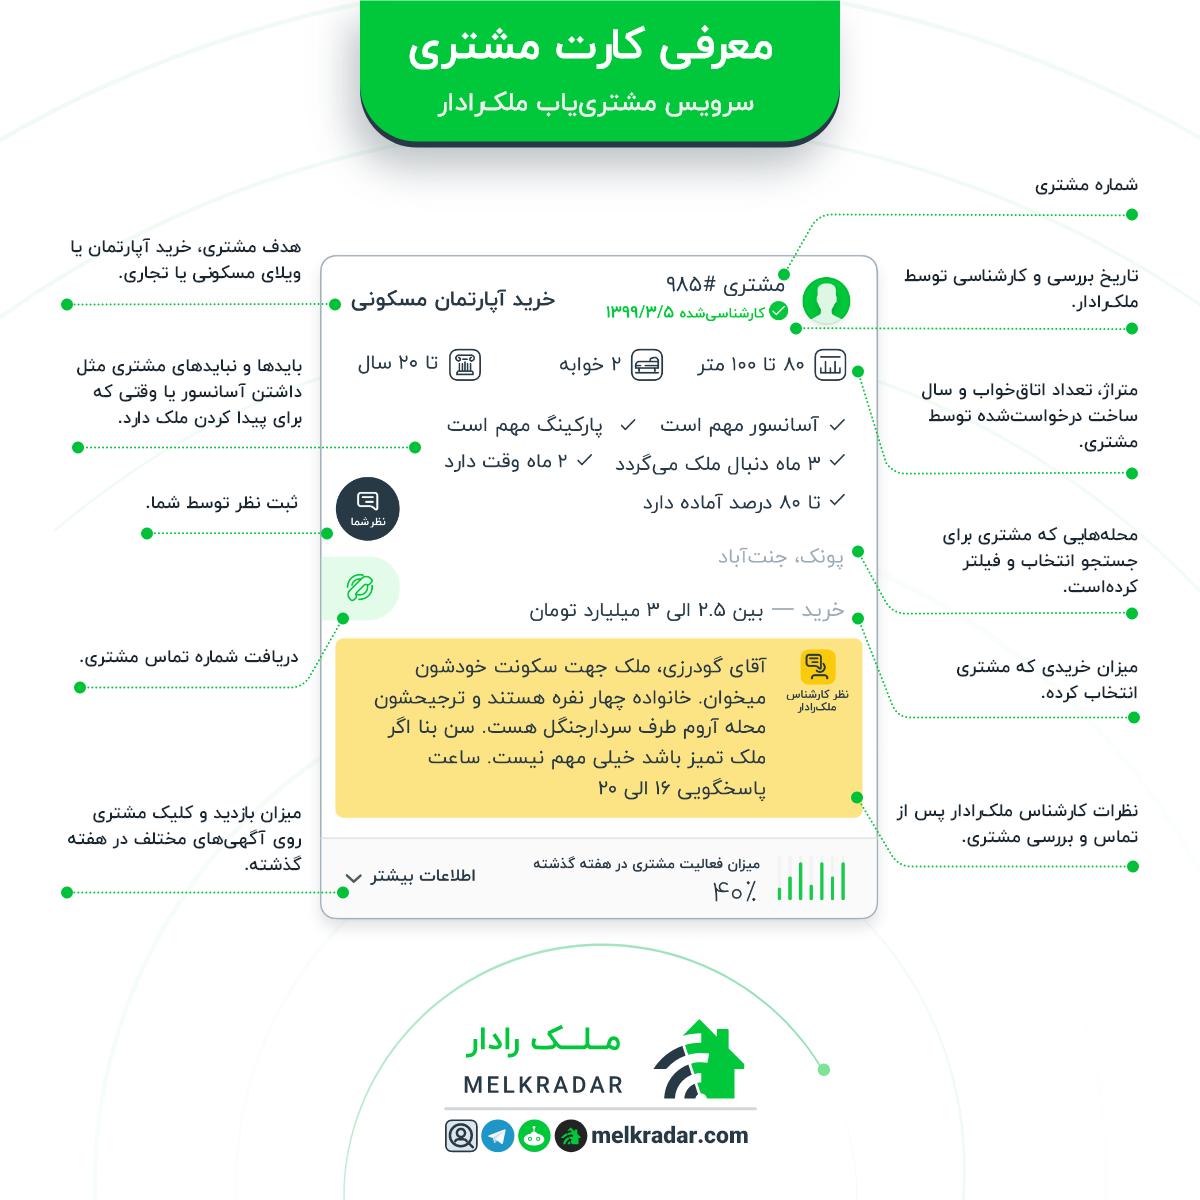 مشخصات ملک درخواستی یک مشتری در رادار مشتری